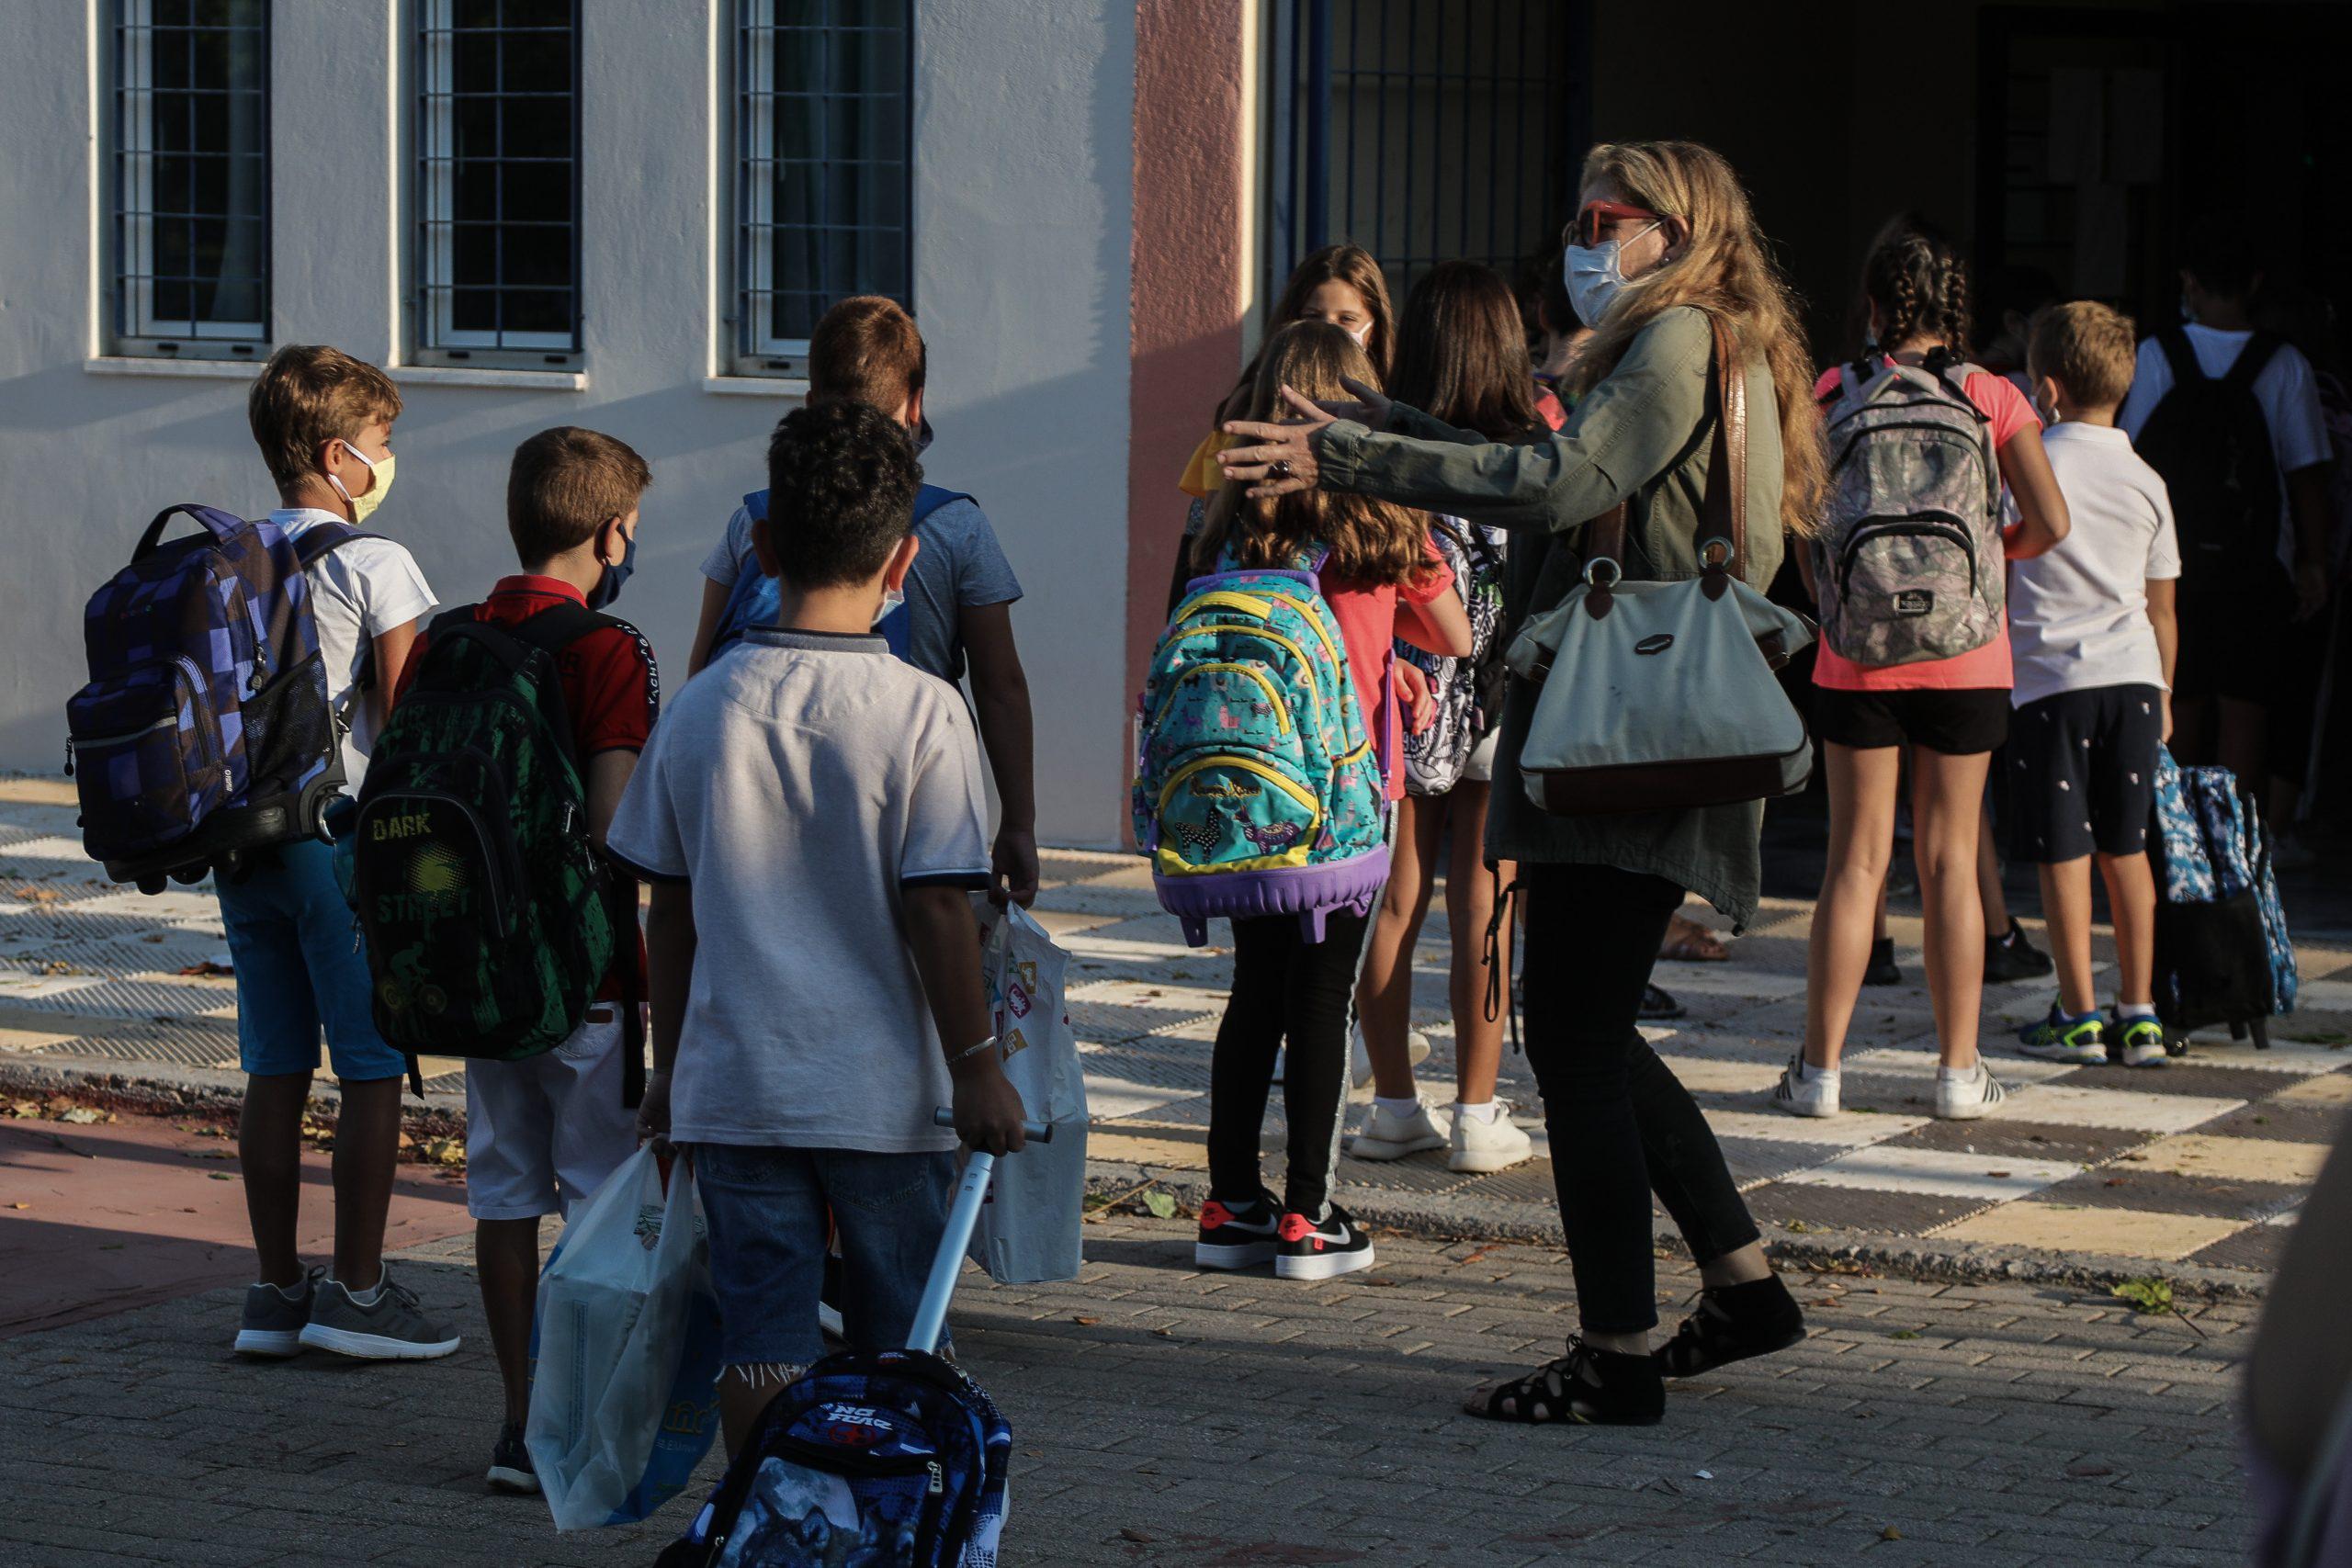 Κορωνοϊός - Κεραμέως: Δεν έχουμε εισήγηση για κλείσιμο δημοτικών